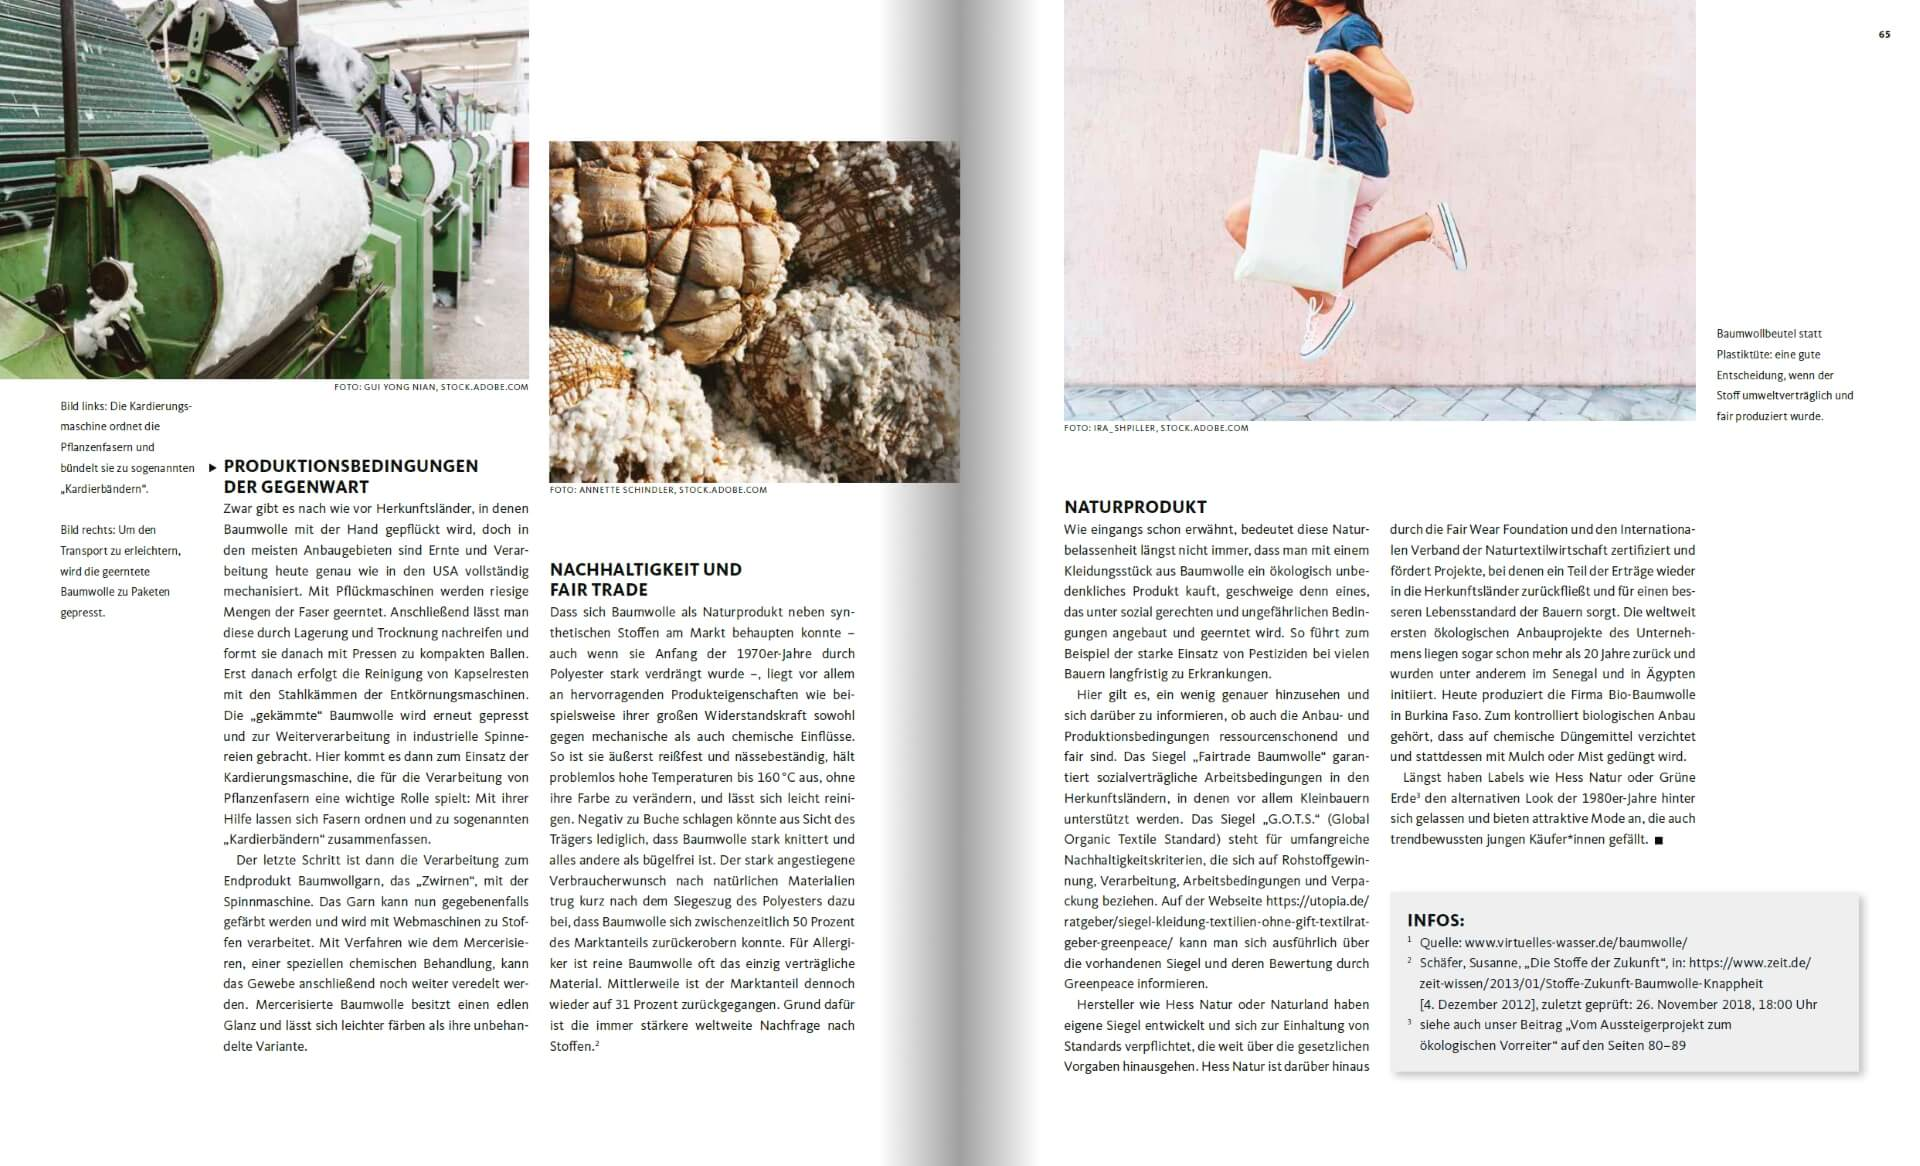 GARTENDESIGN INSPIRATION Ausgabe 1/2019: Pflanzenfasern - Stoffe aus Baumwolle